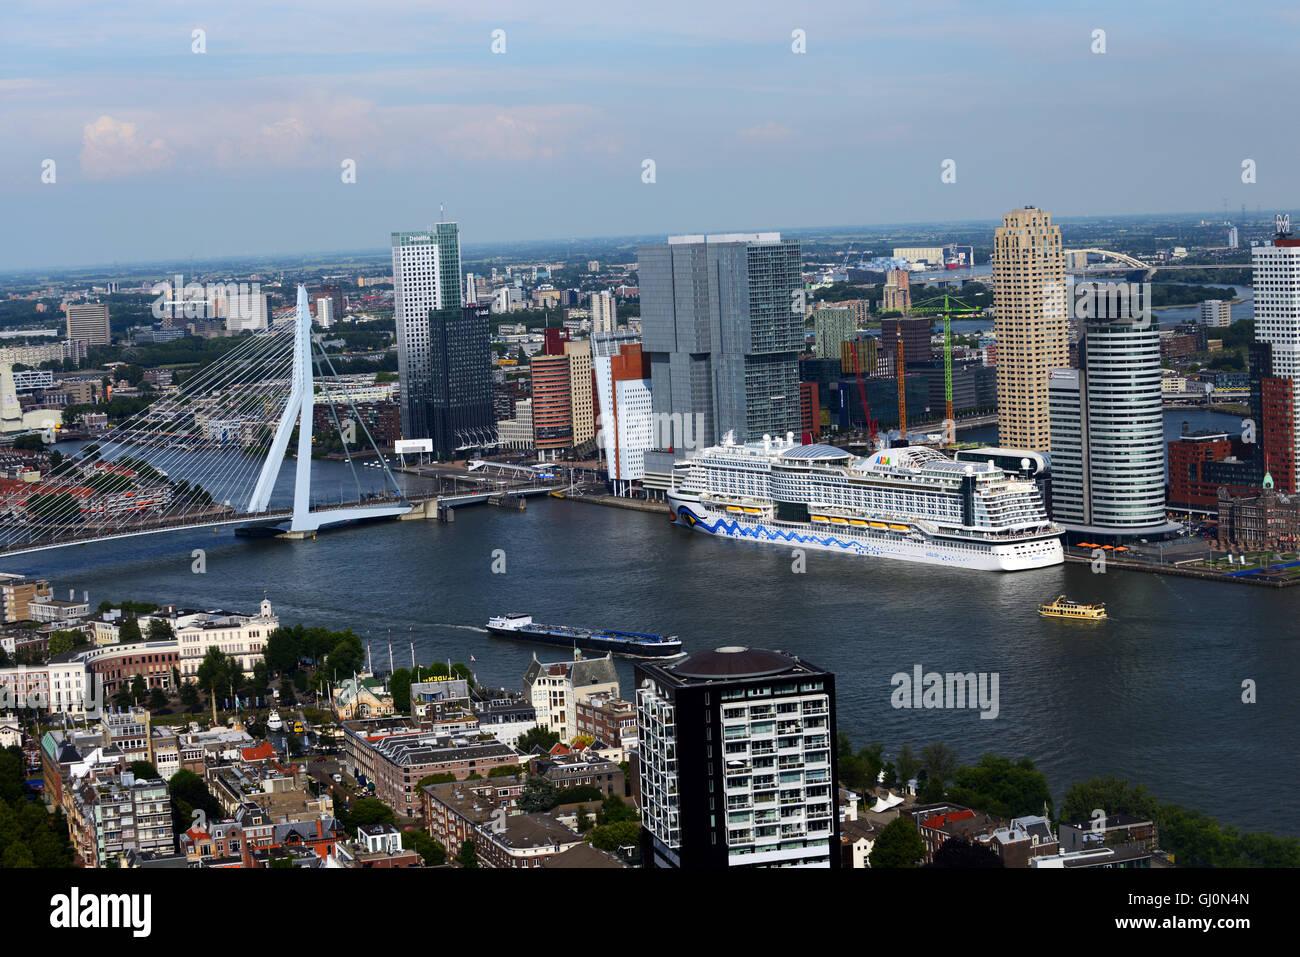 Vista de la ciudad de Rótterdam, visto desde la cima de la torre Euromast torre de observación. Imagen De Stock